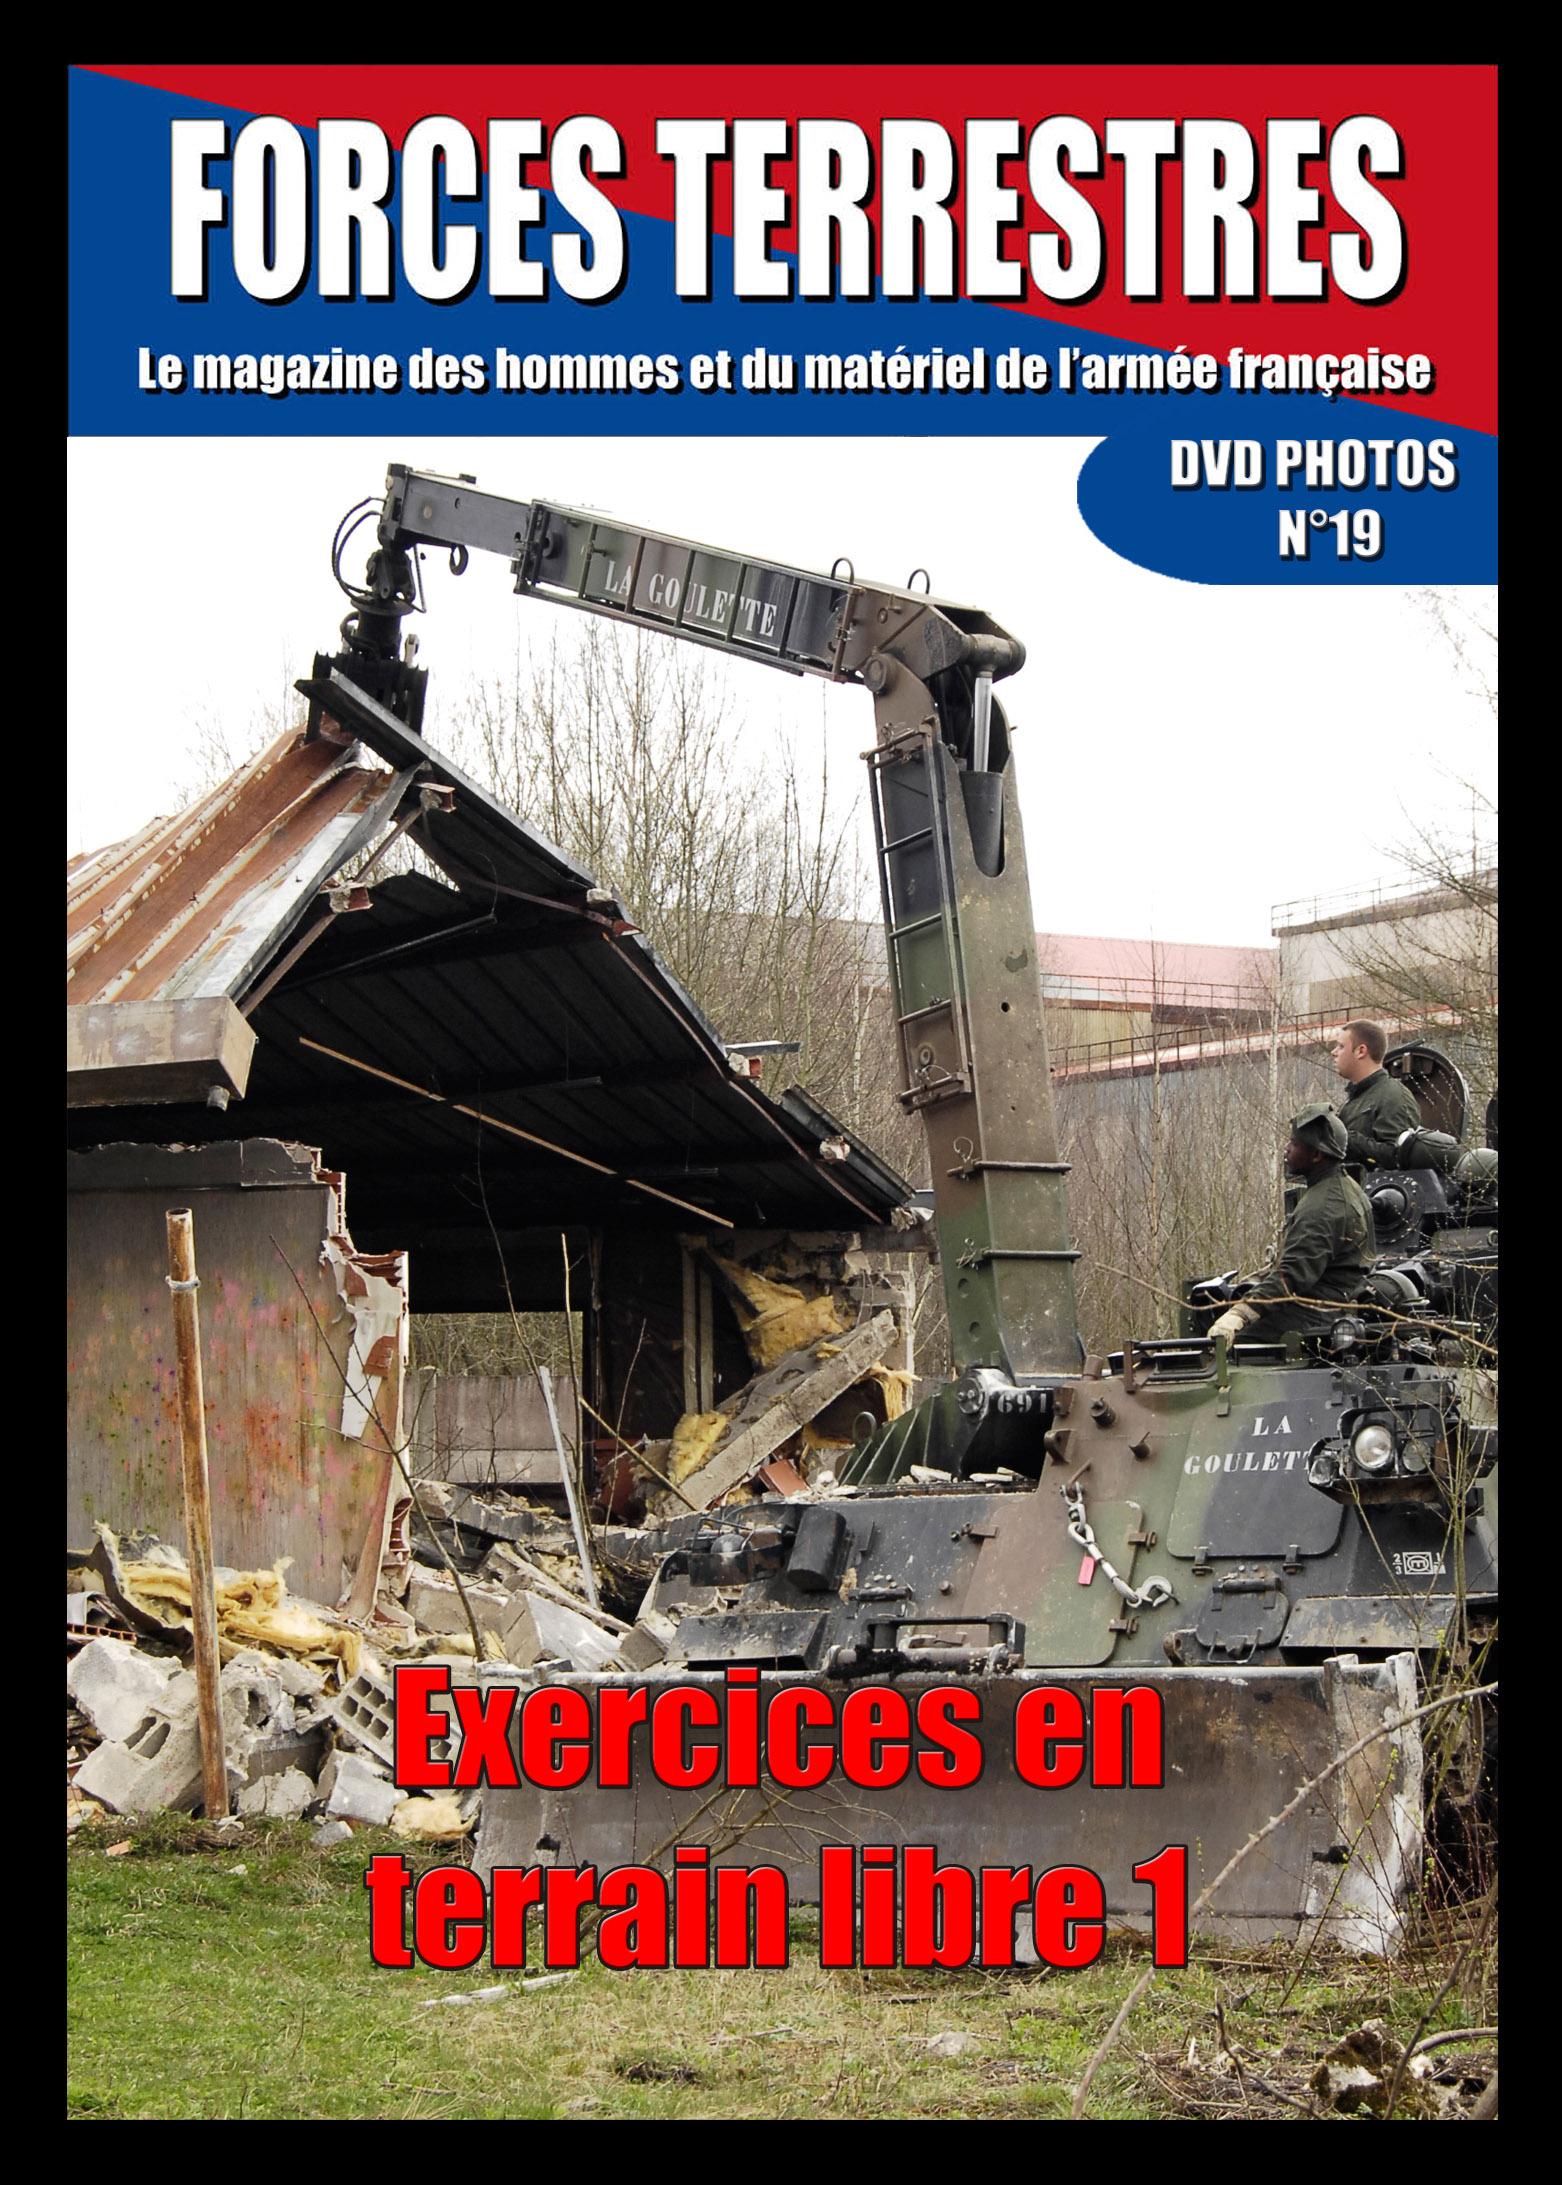 DVD  N°19 Exercices en terrain libre 1